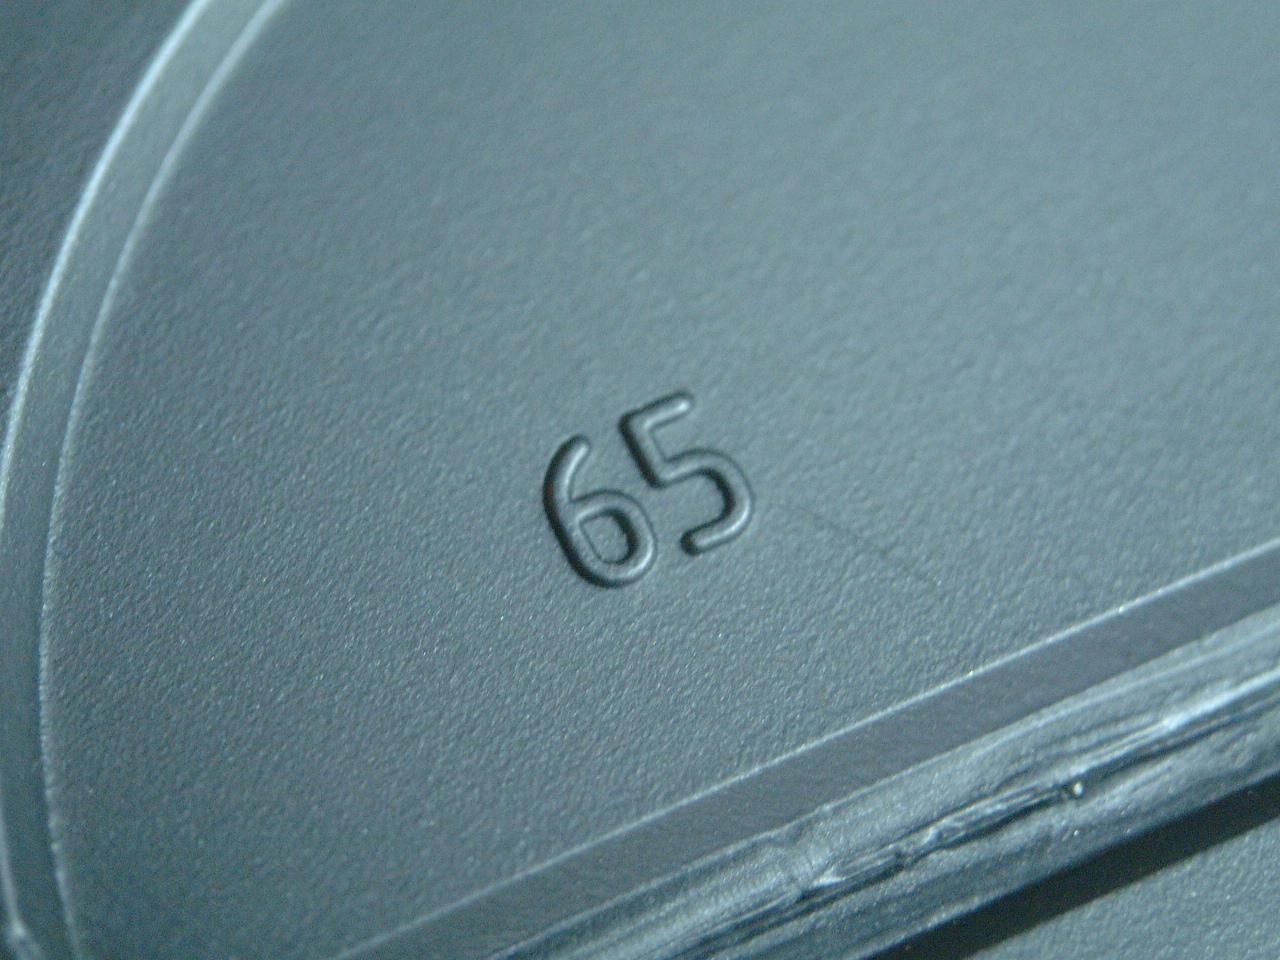 maartent 65 plastic number on black